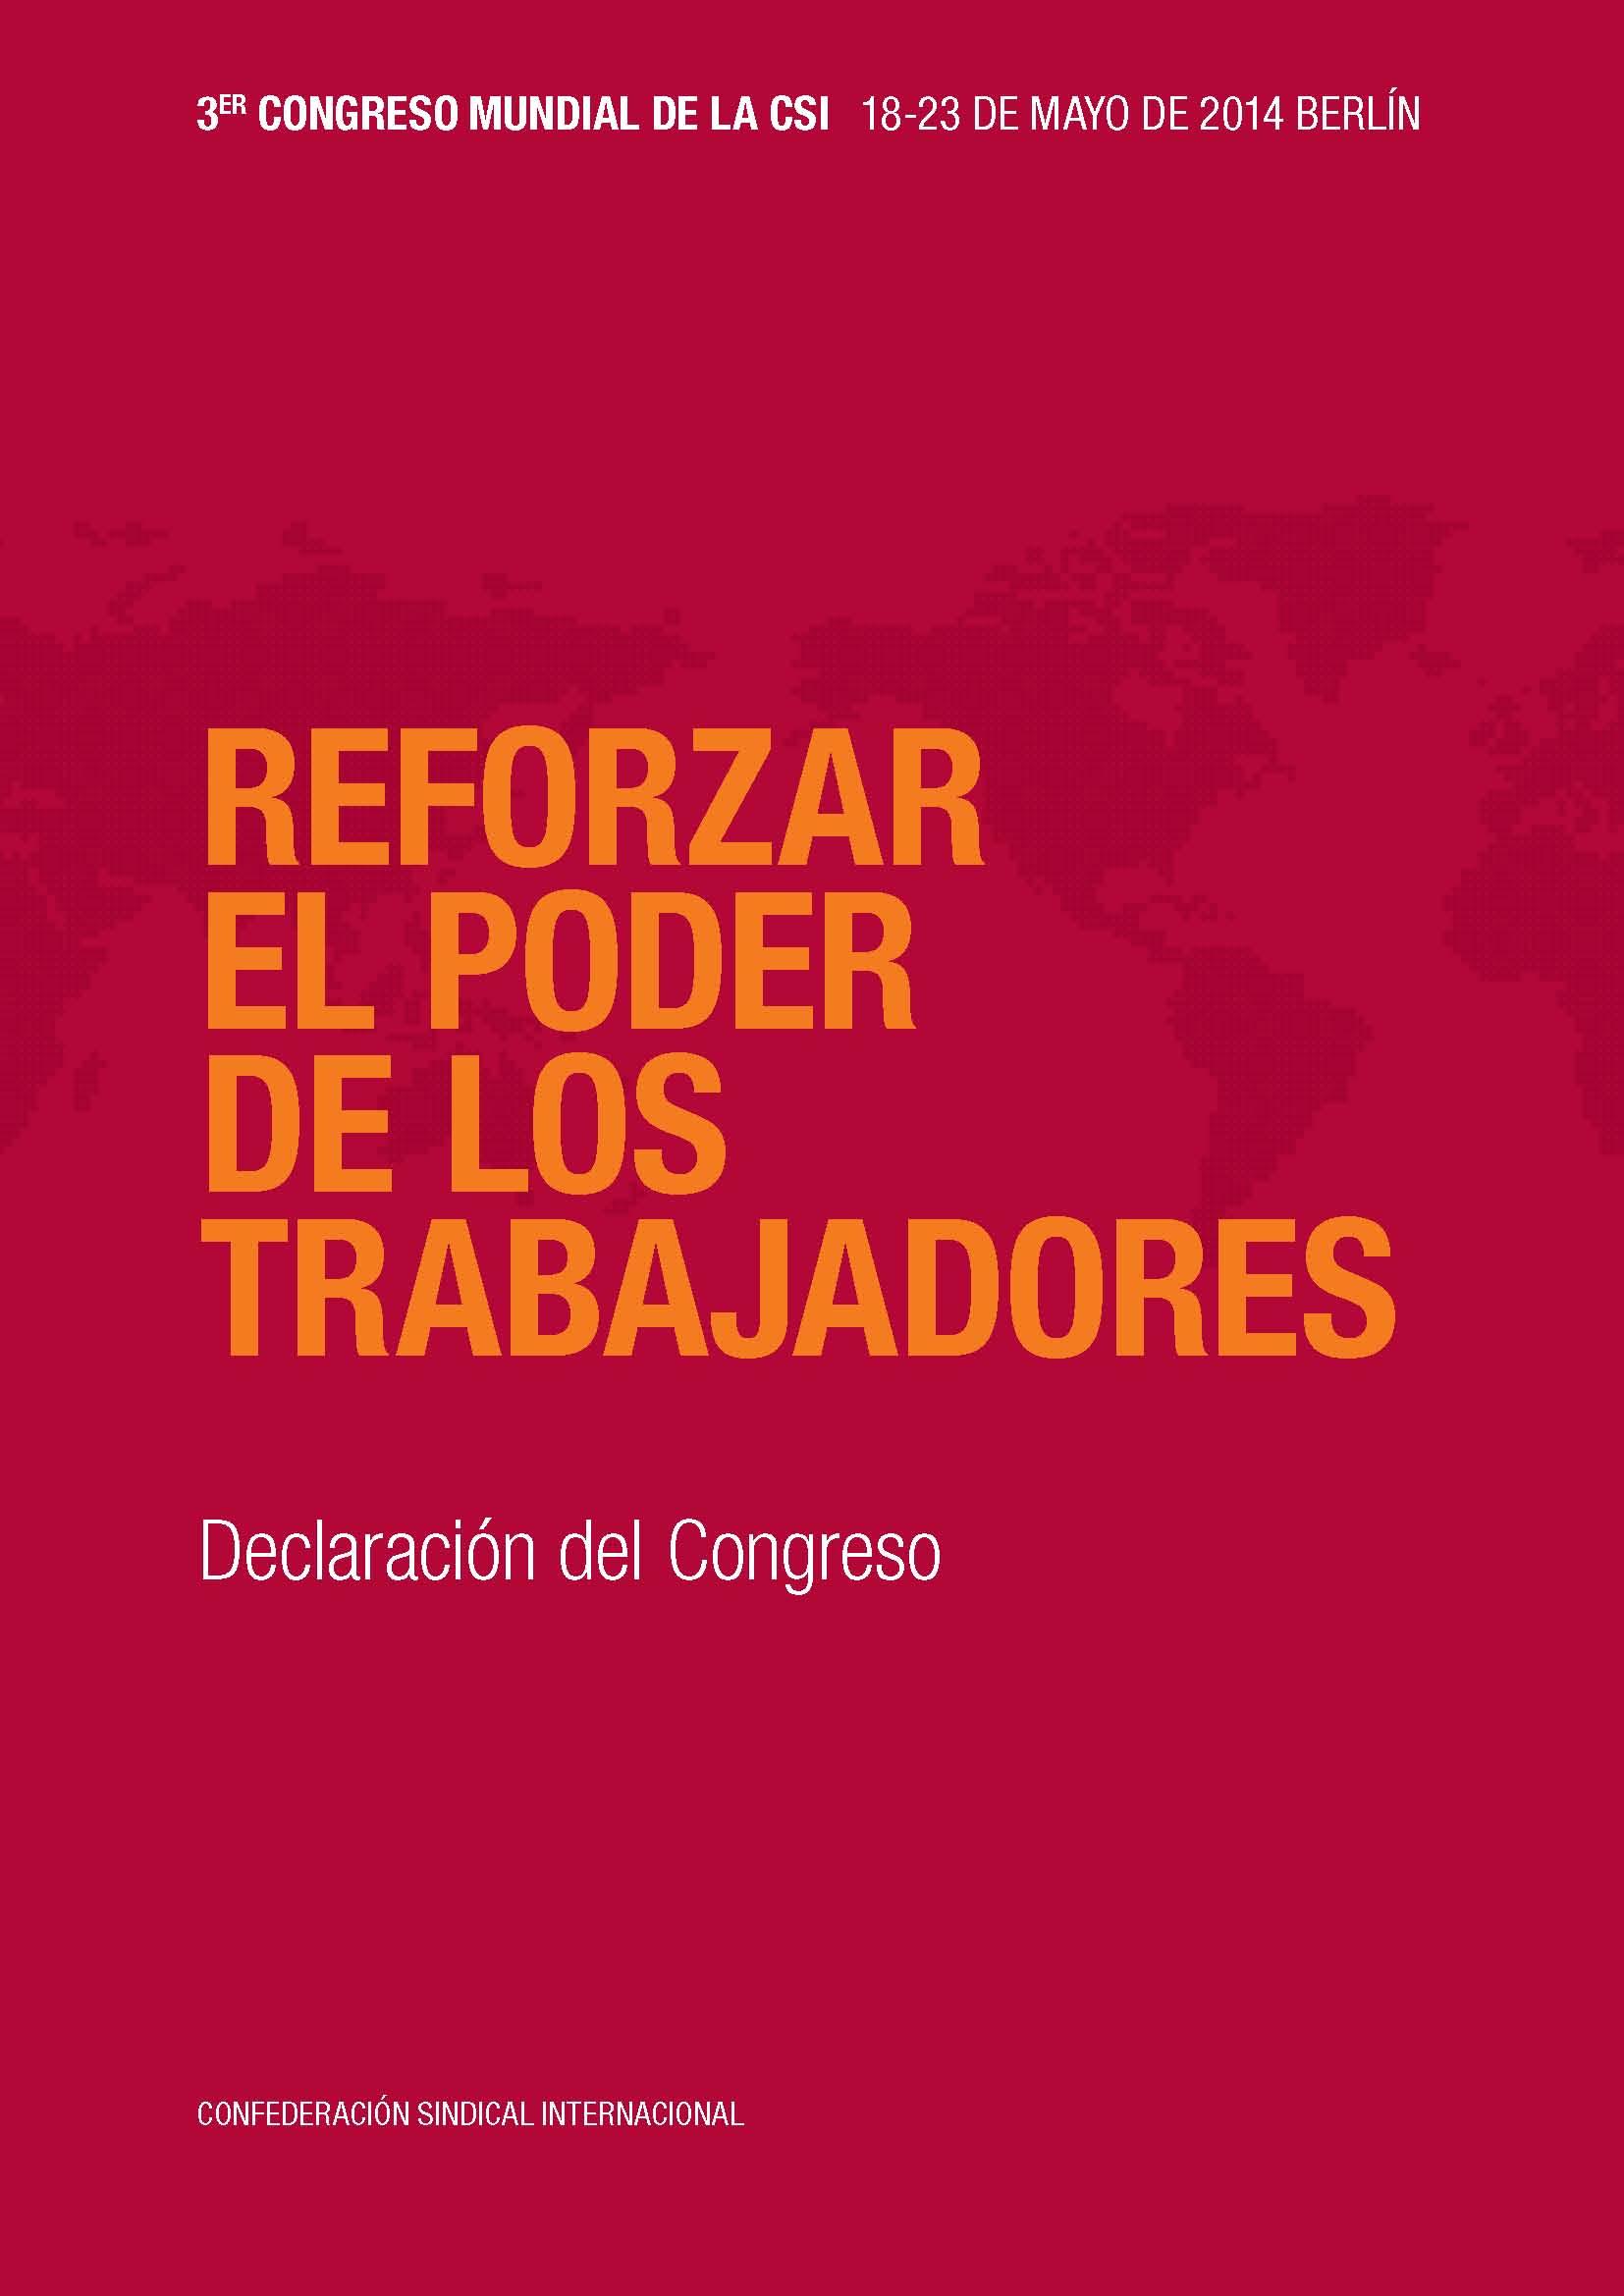 CSI: Reforzar el poder de los trabajadores – Declaración 3º Congreso mundial